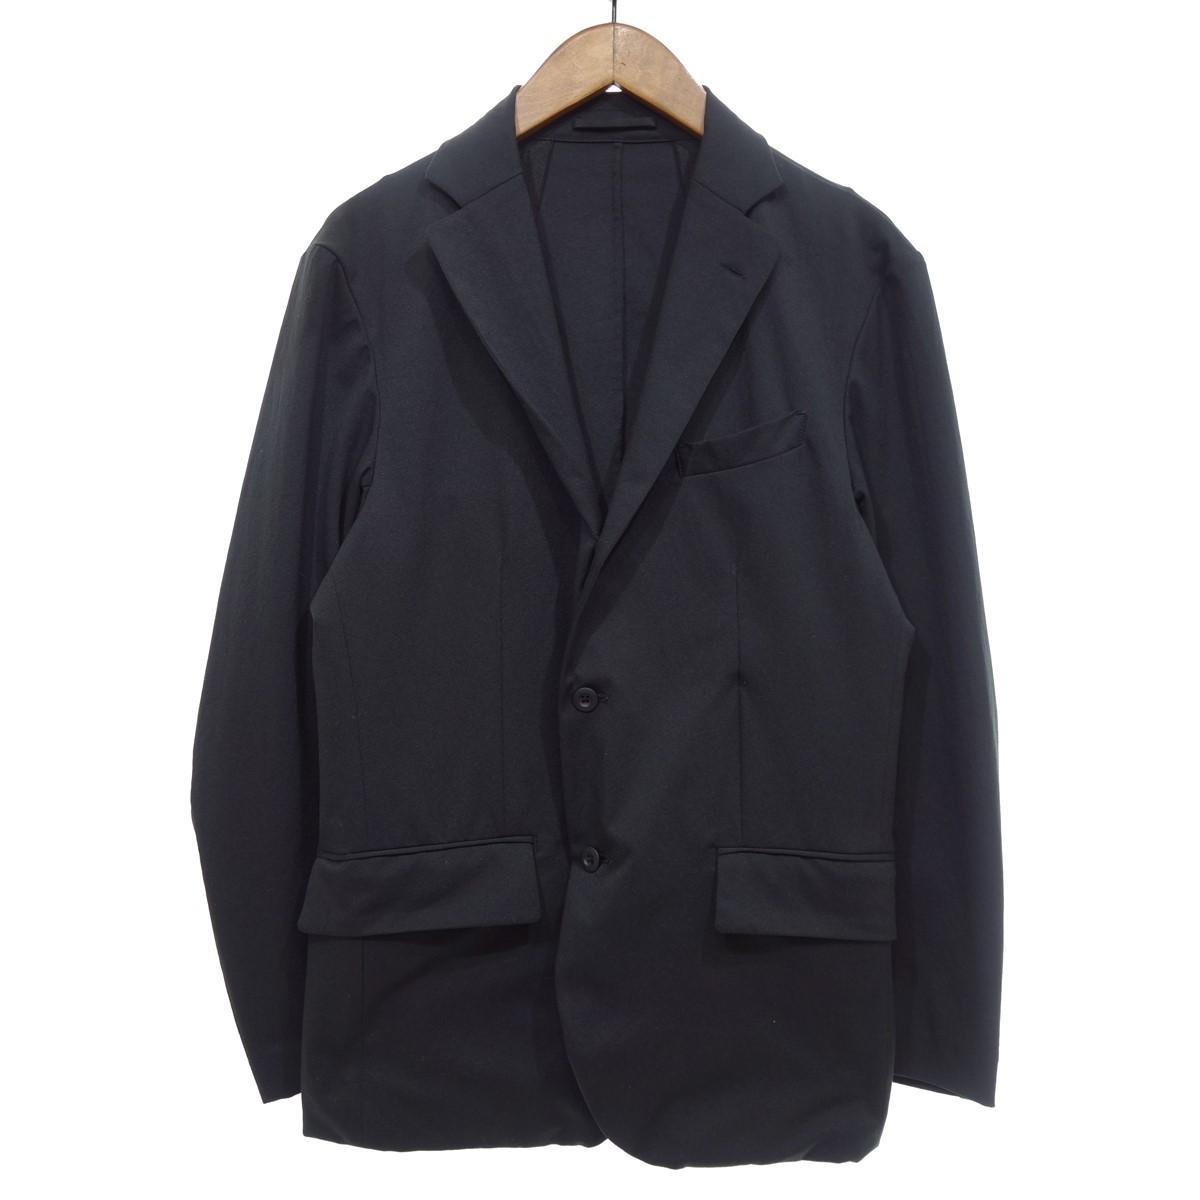 【中古】TEATORA Device JKT-PACABLED デヴァイスジャケット ブラック サイズ:48 【290820】(テアトラ)